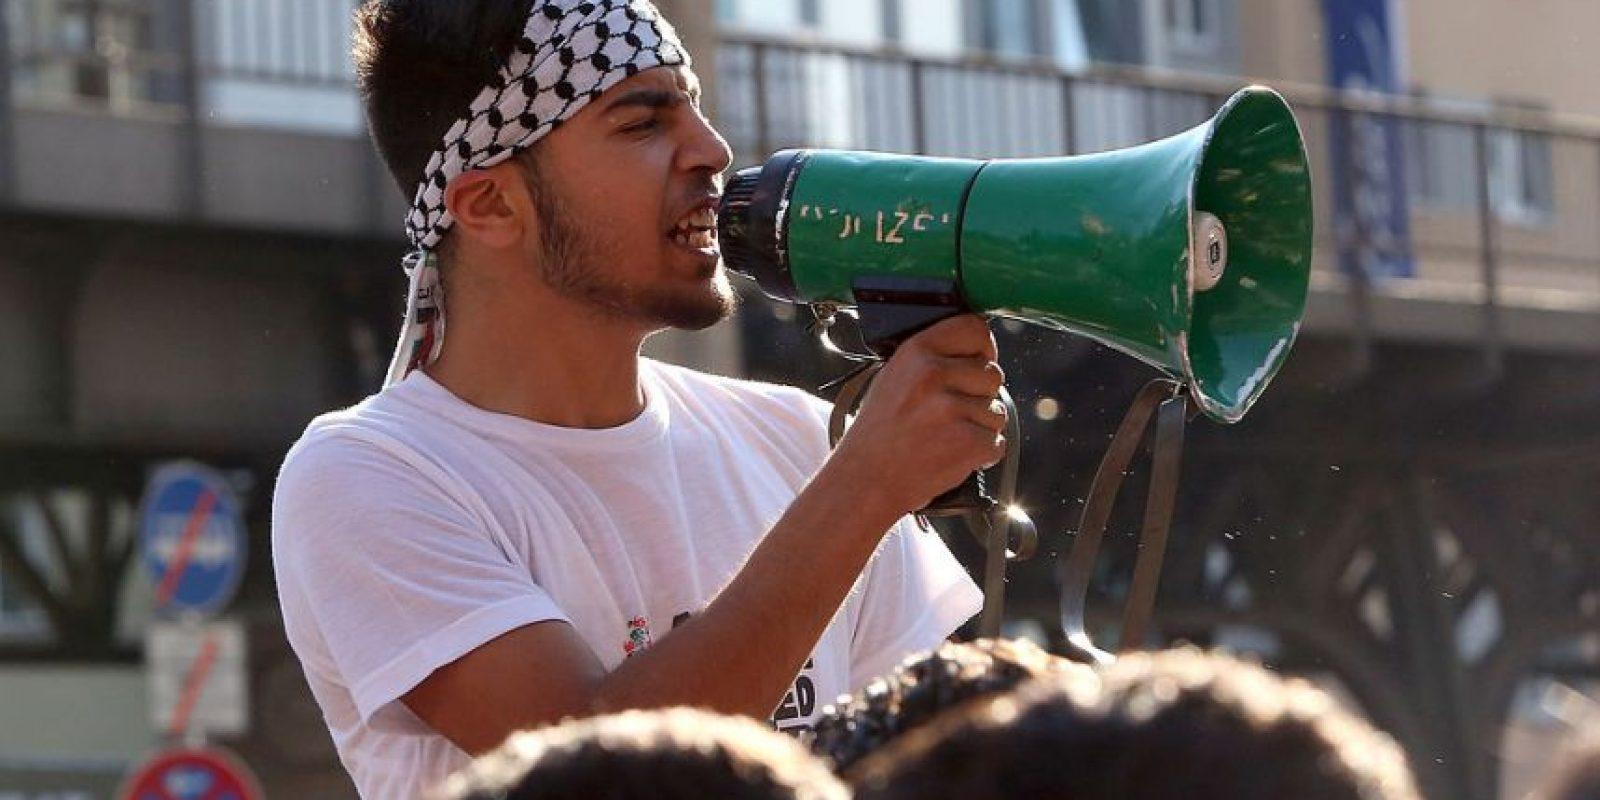 Imagen de archivo para ilustrar, no corresponde al evento. Muchos de los muertos eran estudiantes, incluyendo niños menores de 18 años, señaló el grupo. Foto:Getty Images/ Archivo